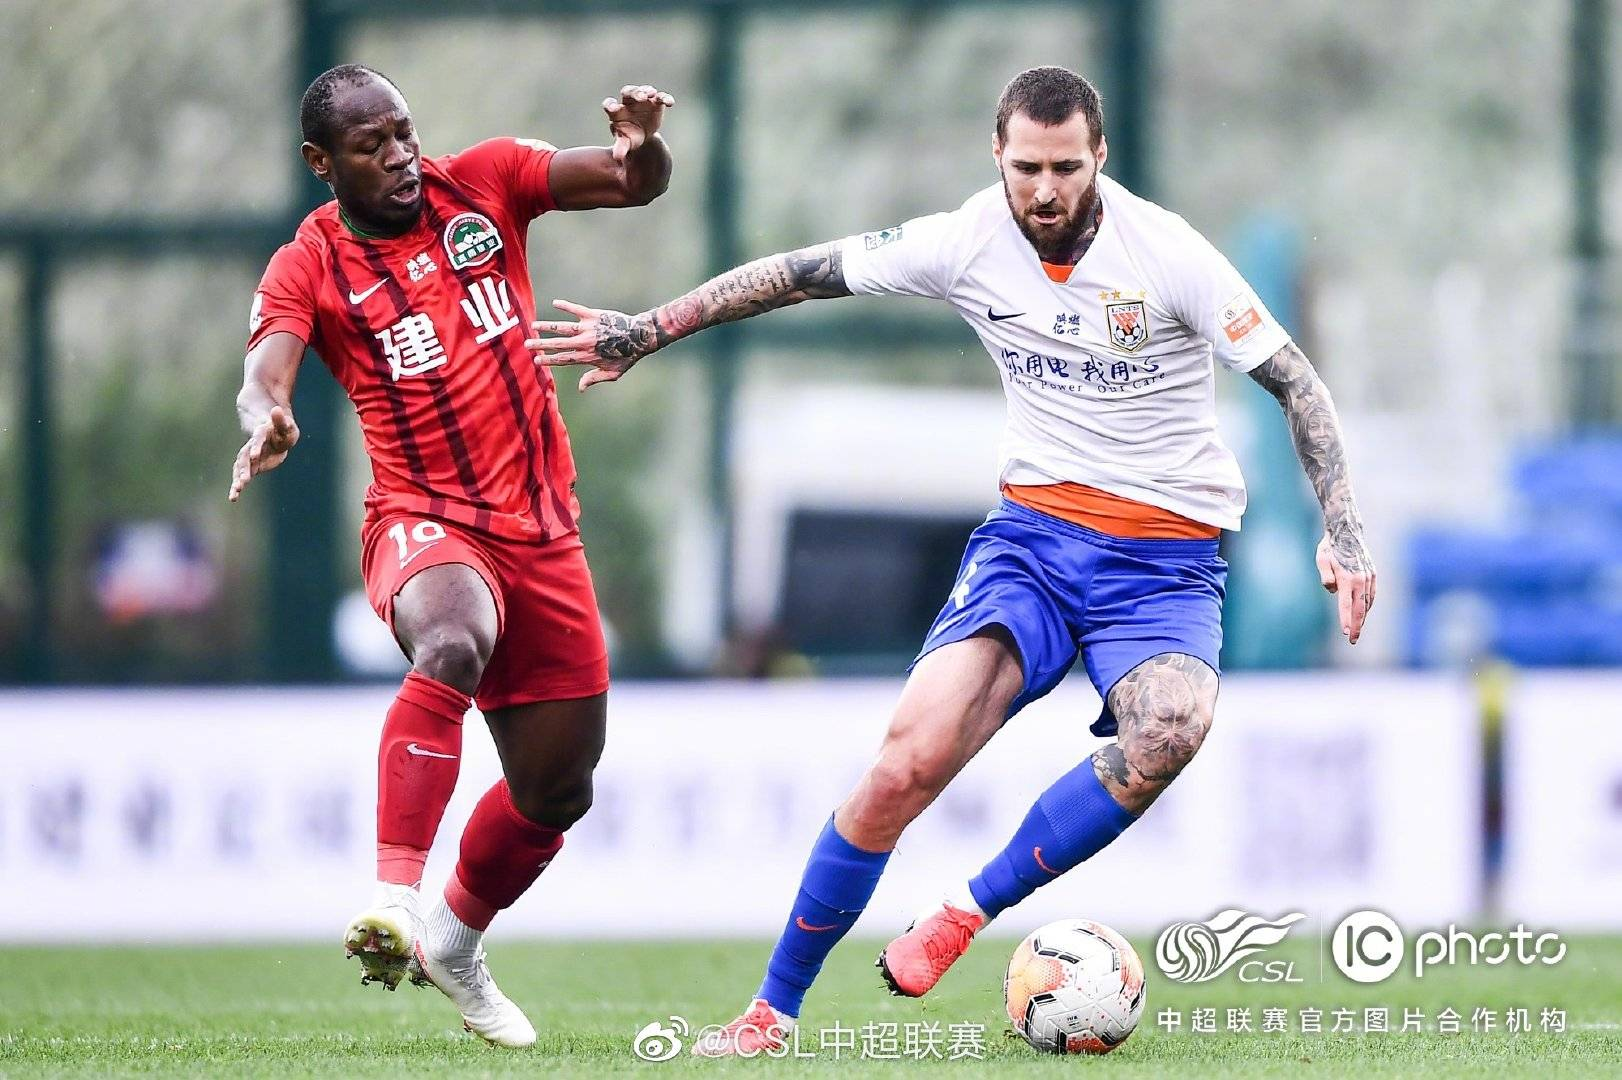 中超联赛第13轮河南建业0:2山东鲁能,格德斯与佩莱各进一球